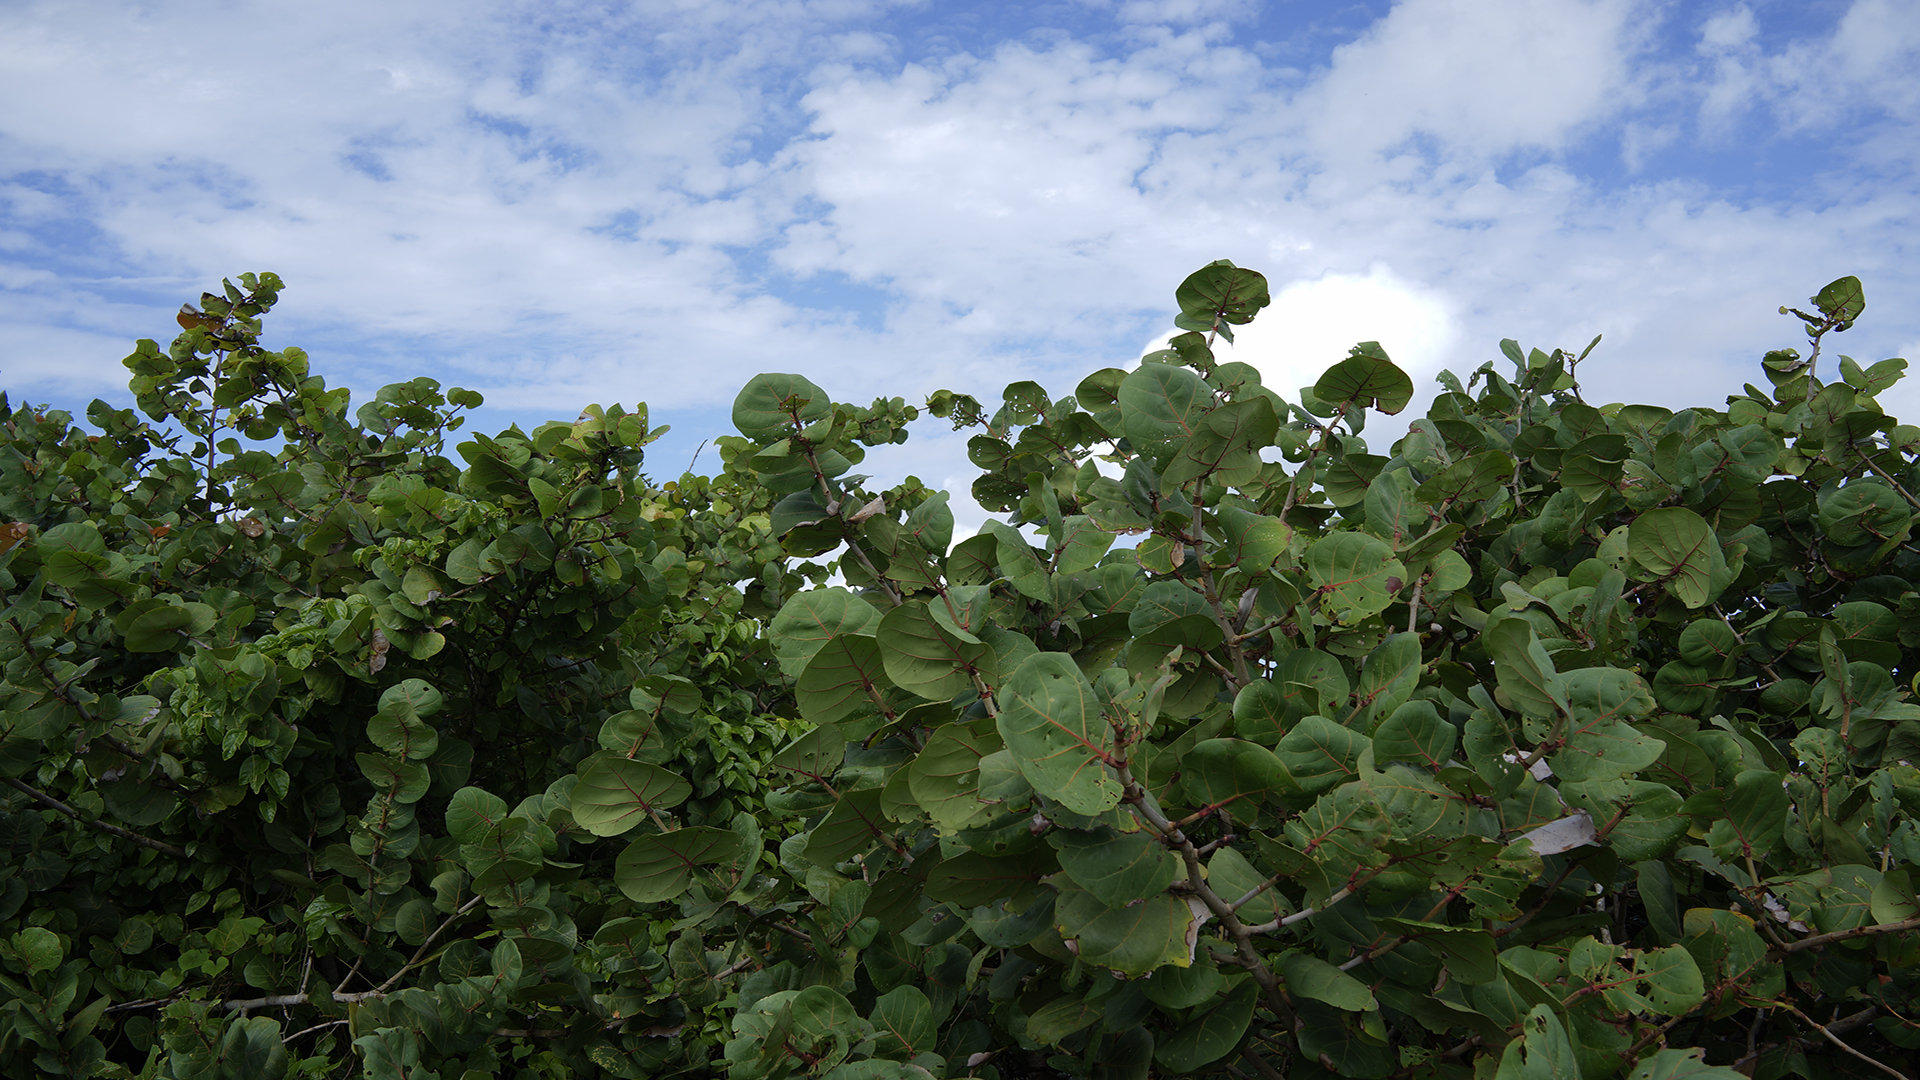 超值的移民选择计划 瓦努阿图移民